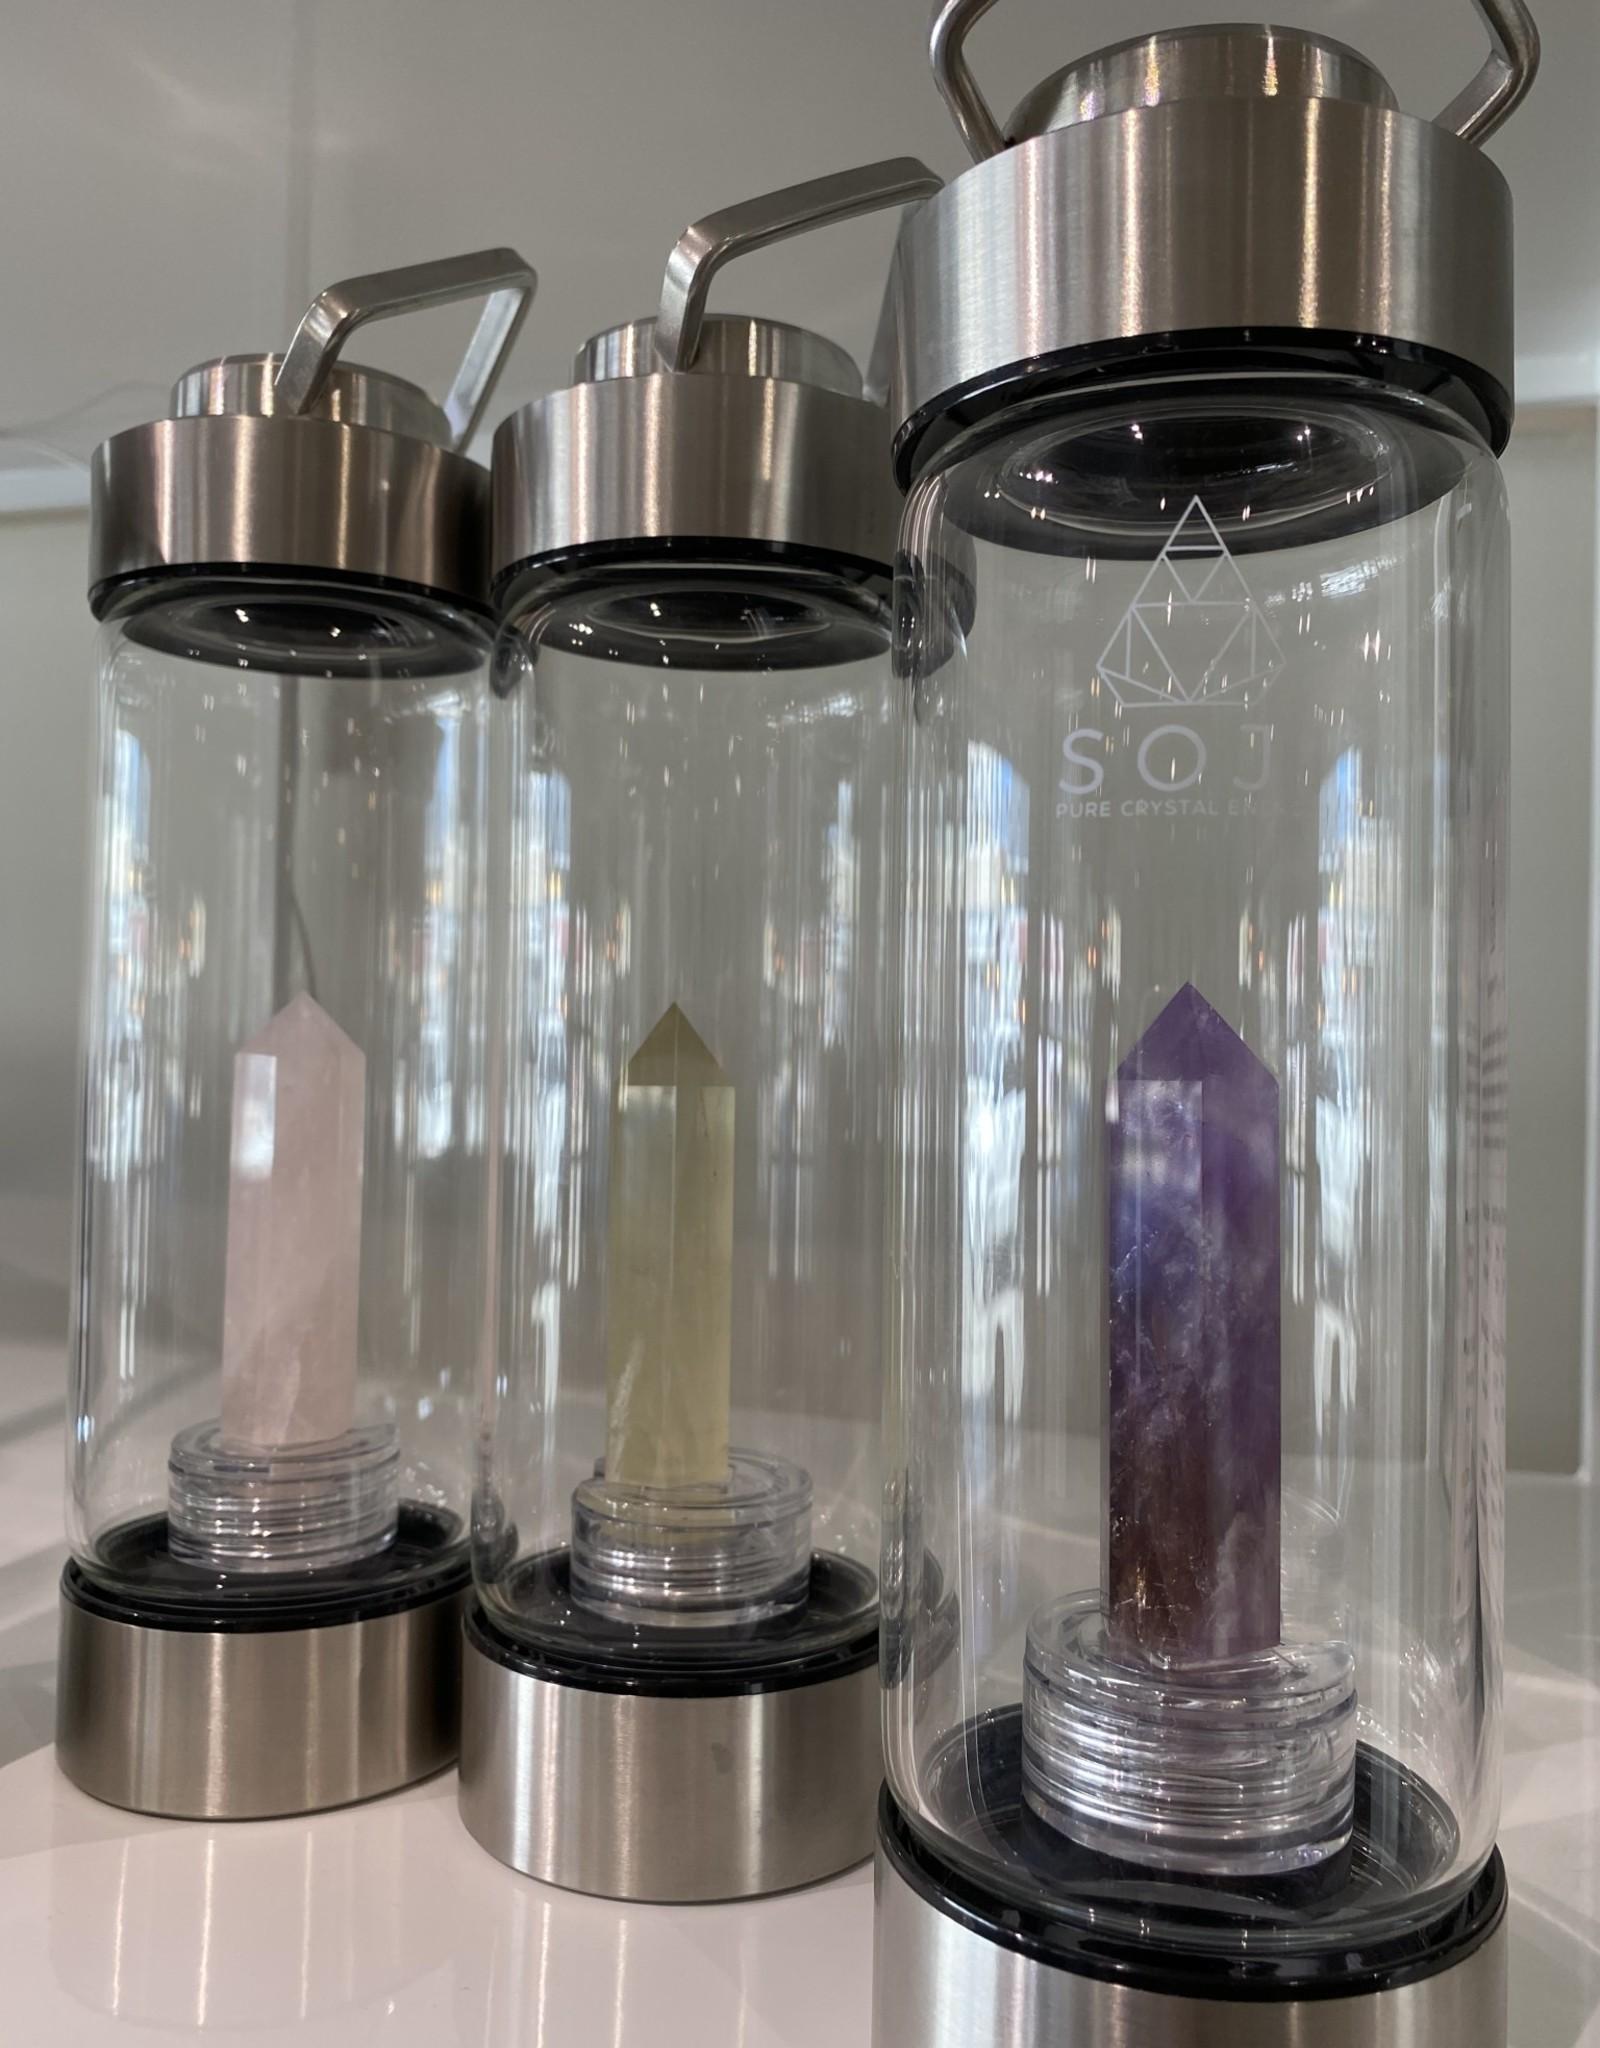 Soji Crystal Infused Water Bottle